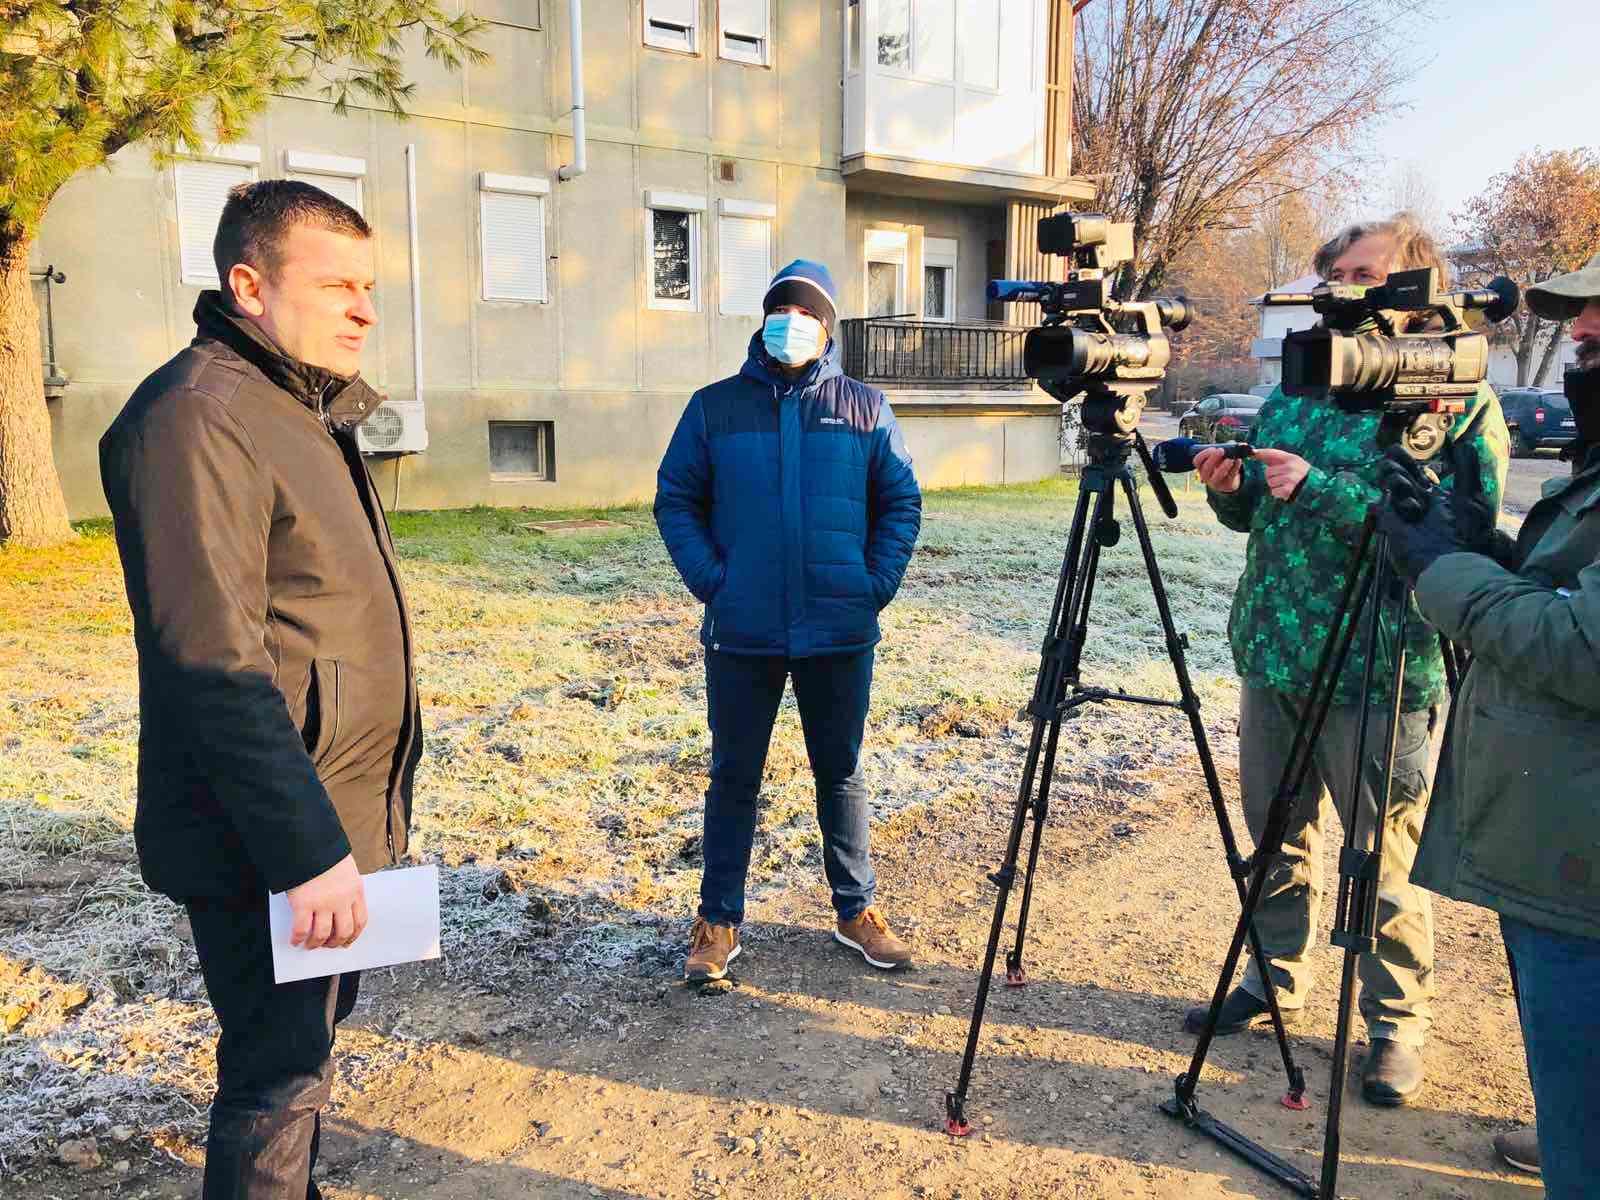 Gradonačelnik Hrebak o Adventu u Bjelovaru i otvaranju trgovine